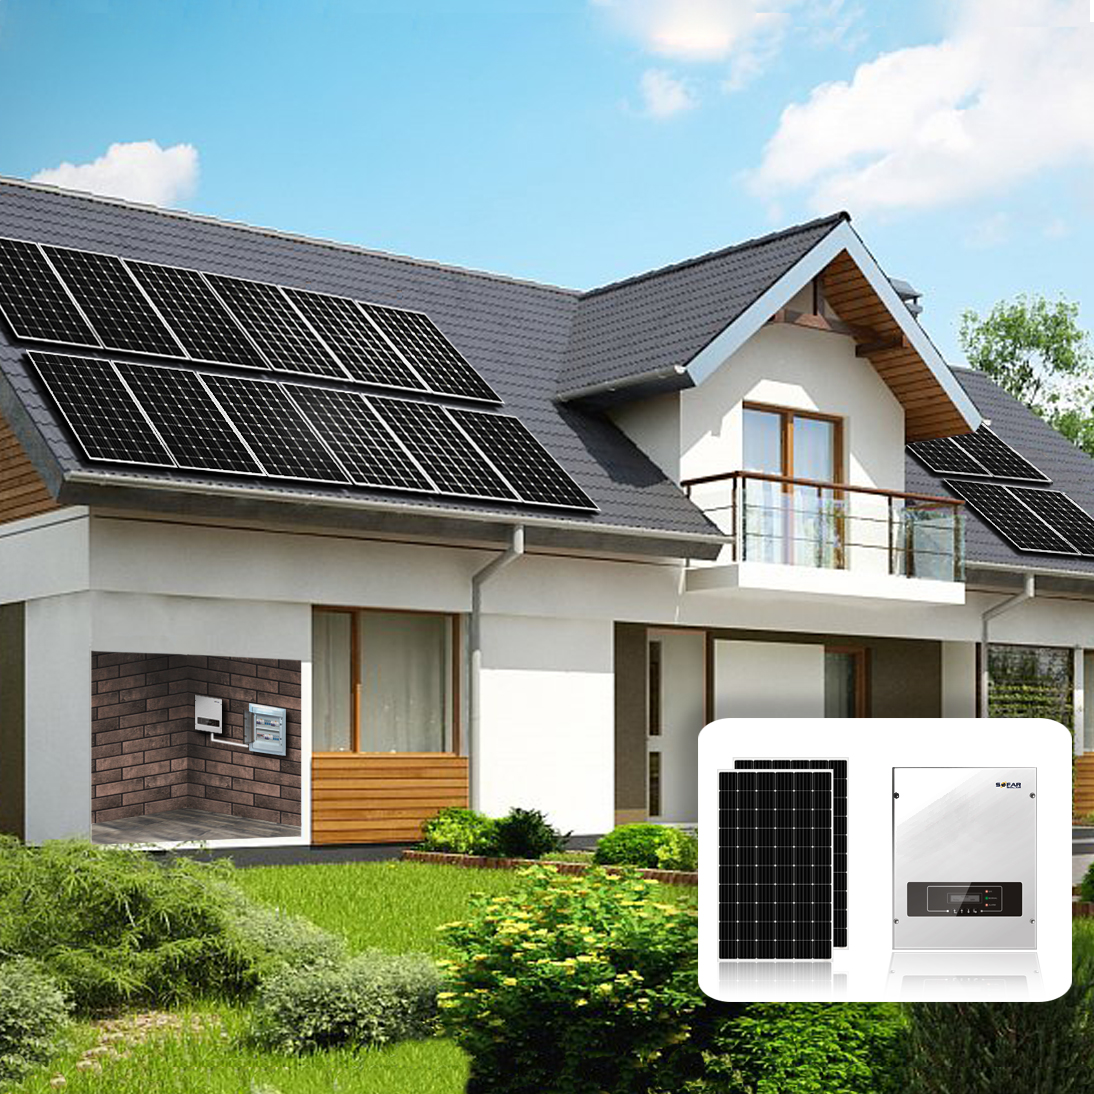 Солнечные батареи для дома: принцип работы, типы, рейтинг топ 7 лучших производителей, отзывы